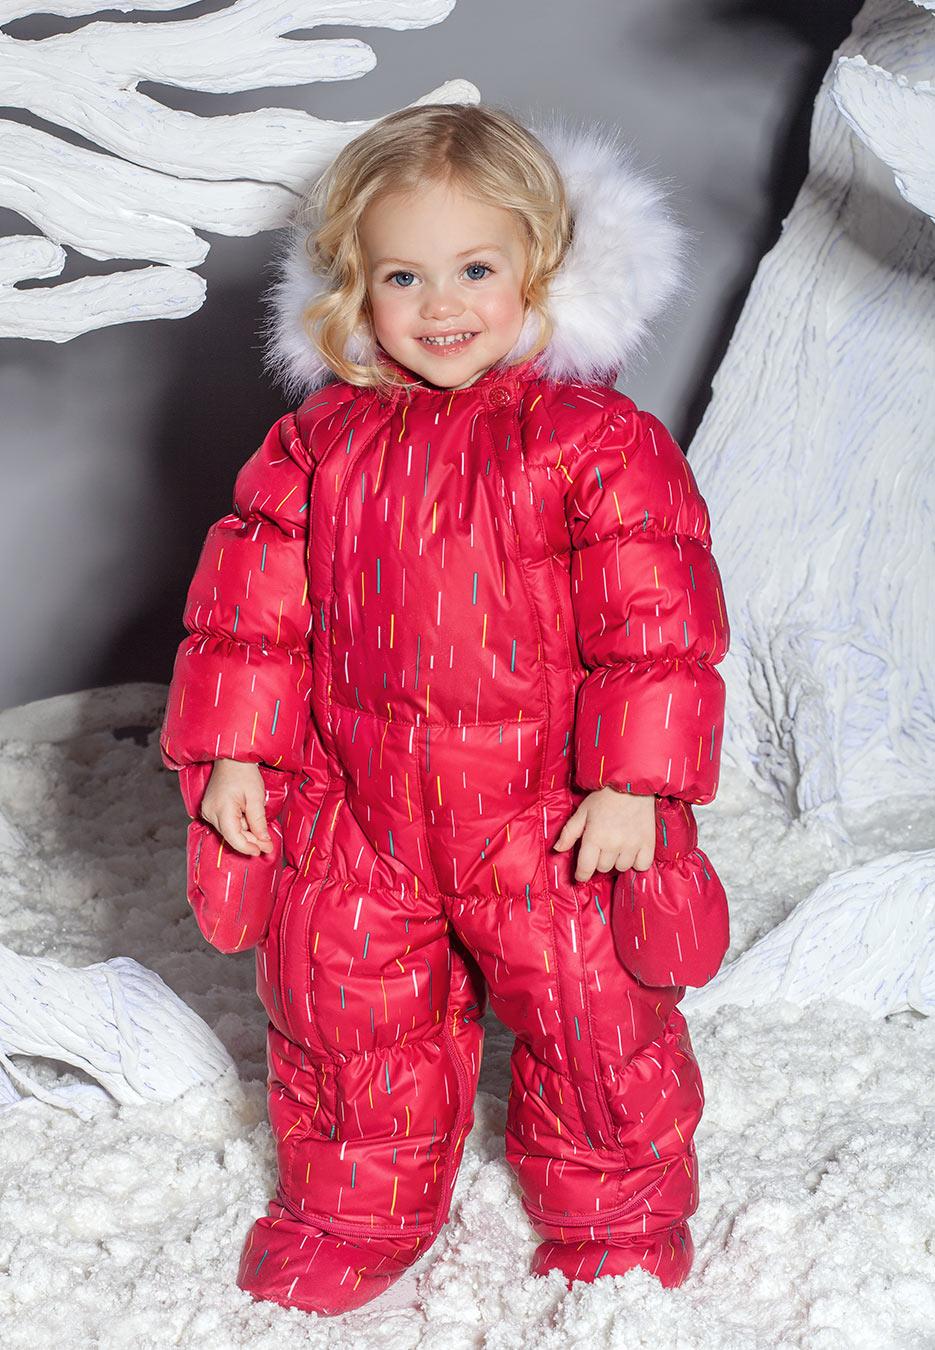 Зимний детский Комбинезон-трансформер OLDOS ДождикДетские комбинезоны<br>Комбинезон Дождик с утеплителем из искусственного лебяжьего пуха позаботится о комфорте маленького ребенка на зимней прогулке даже в очень морозный и ветреный день.<br><br>Размер: 80, 86, 68, 74<br>Цвет: малиновый